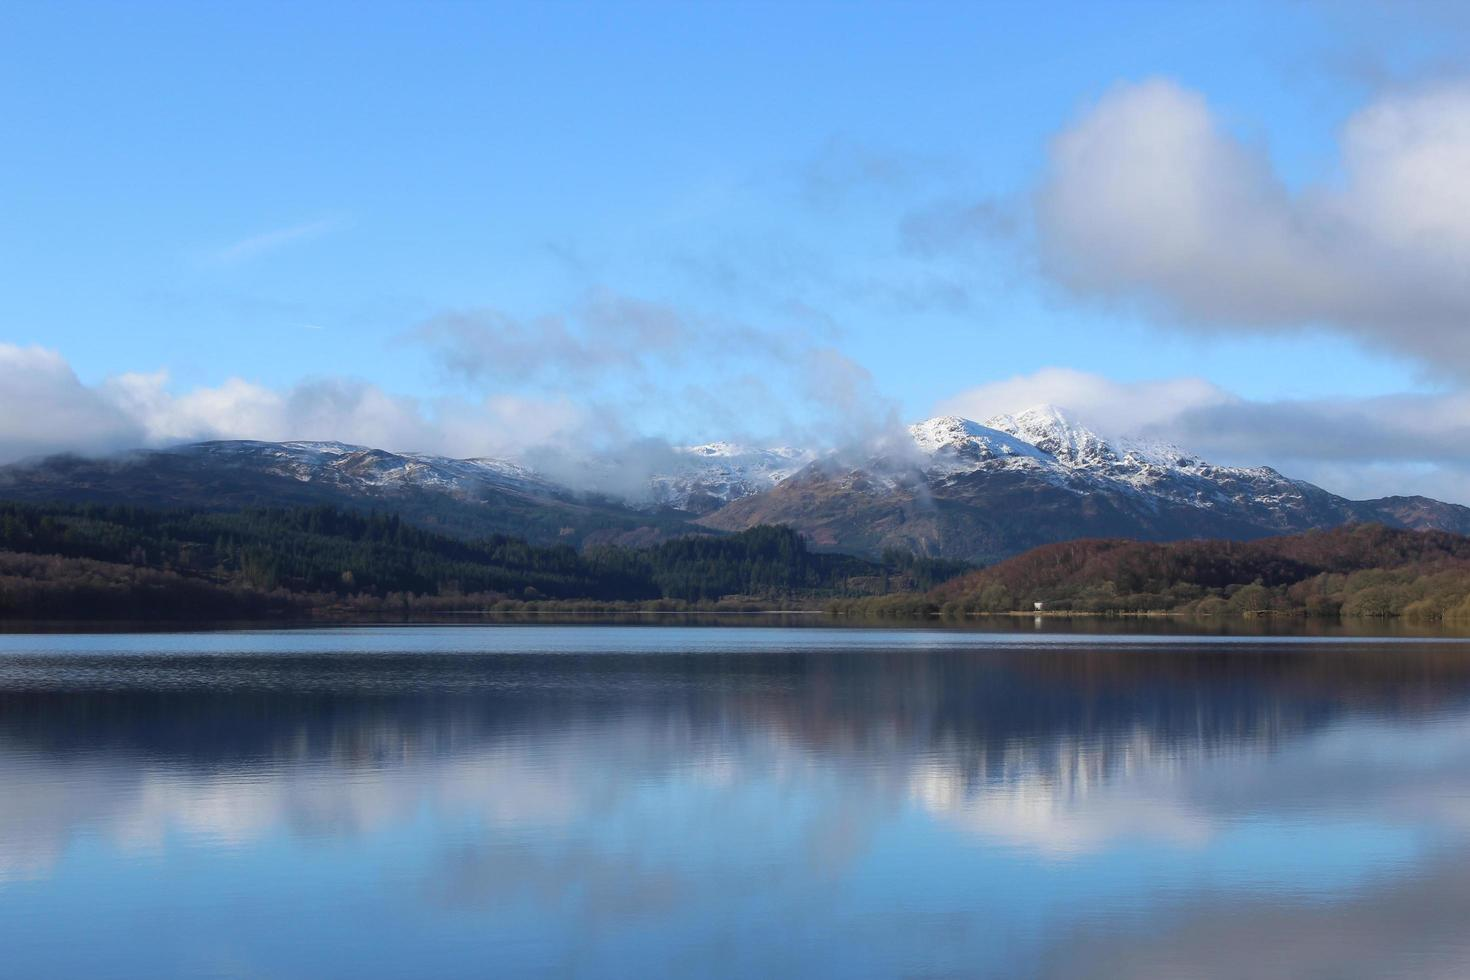 lago vicino alle montagne foto